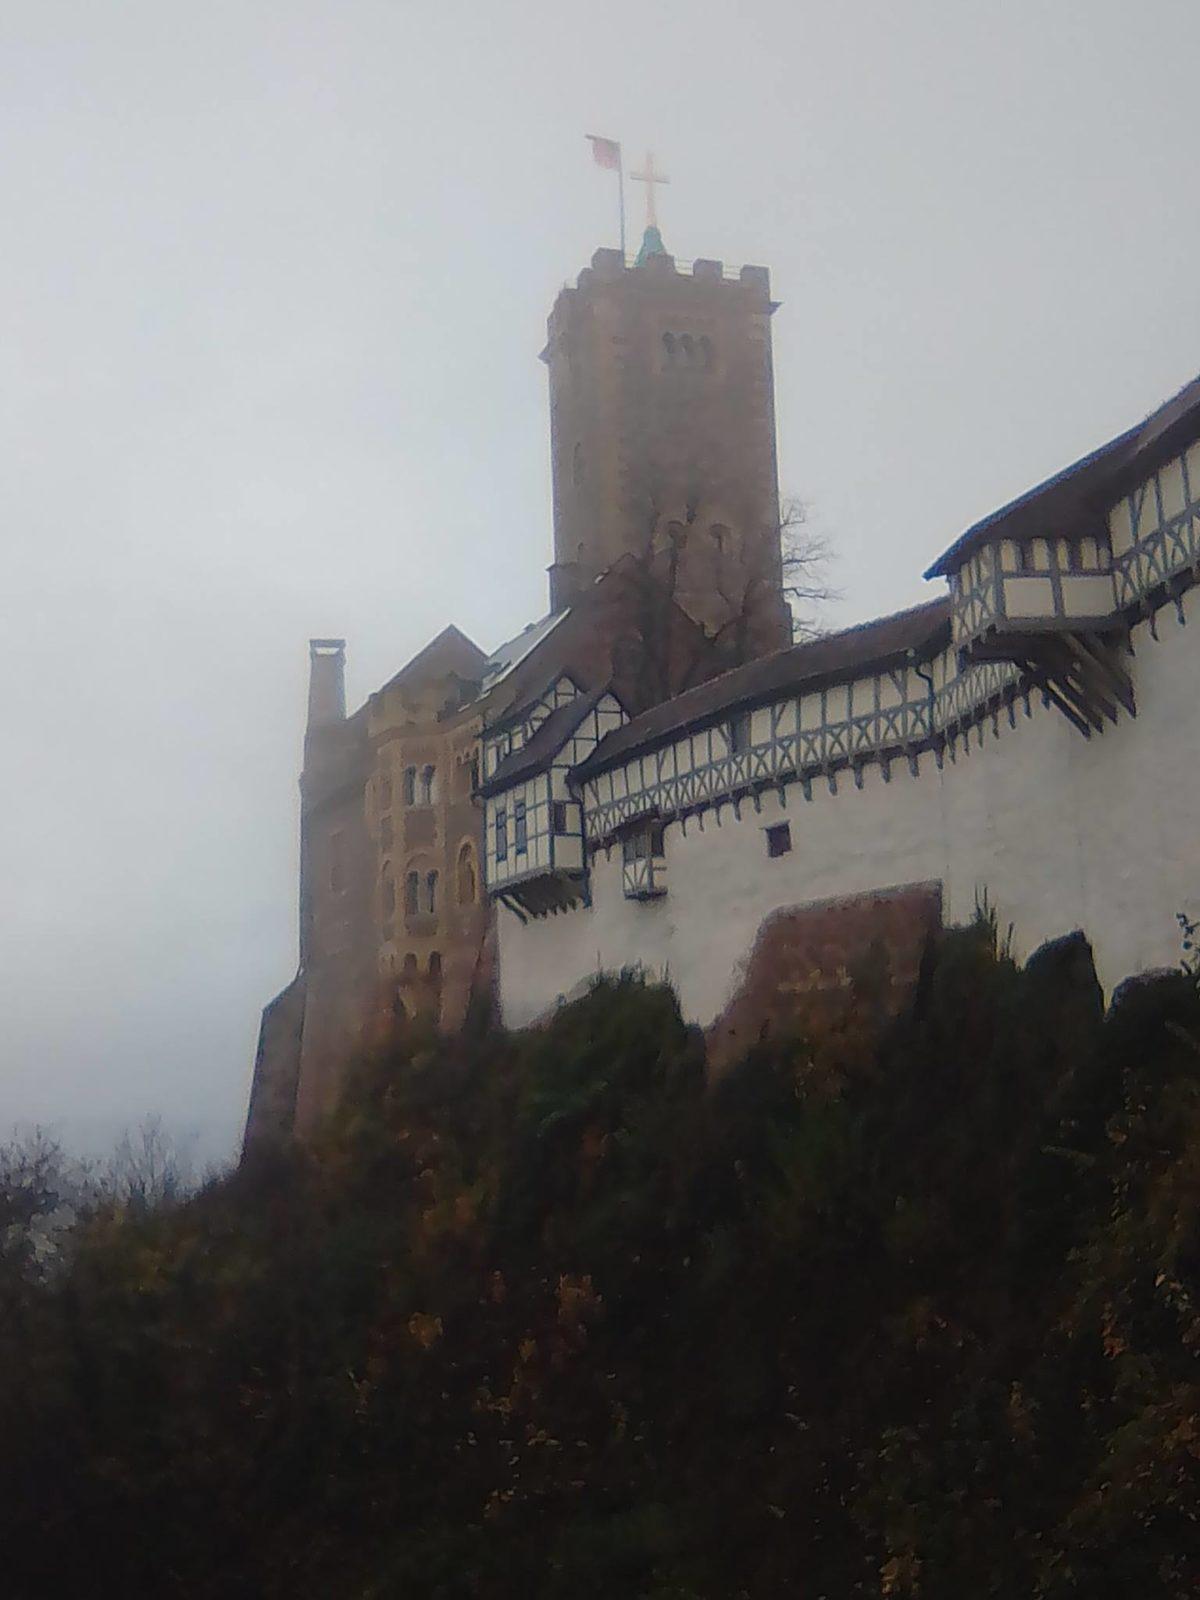 Das Fanal von Wittenberg